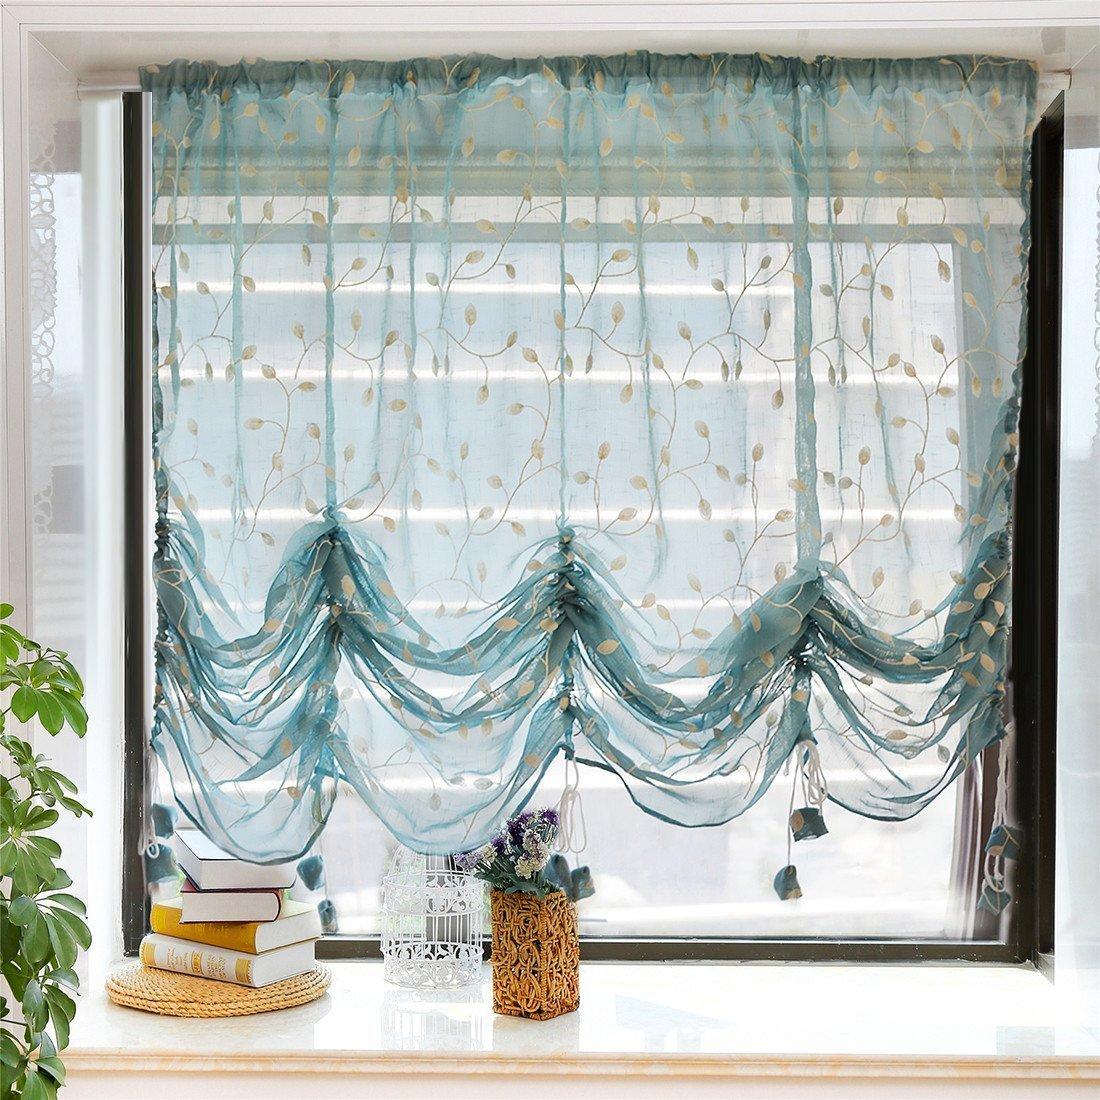 WINLIFE rideau romain réglable rideau ballon rideau transparent brodé